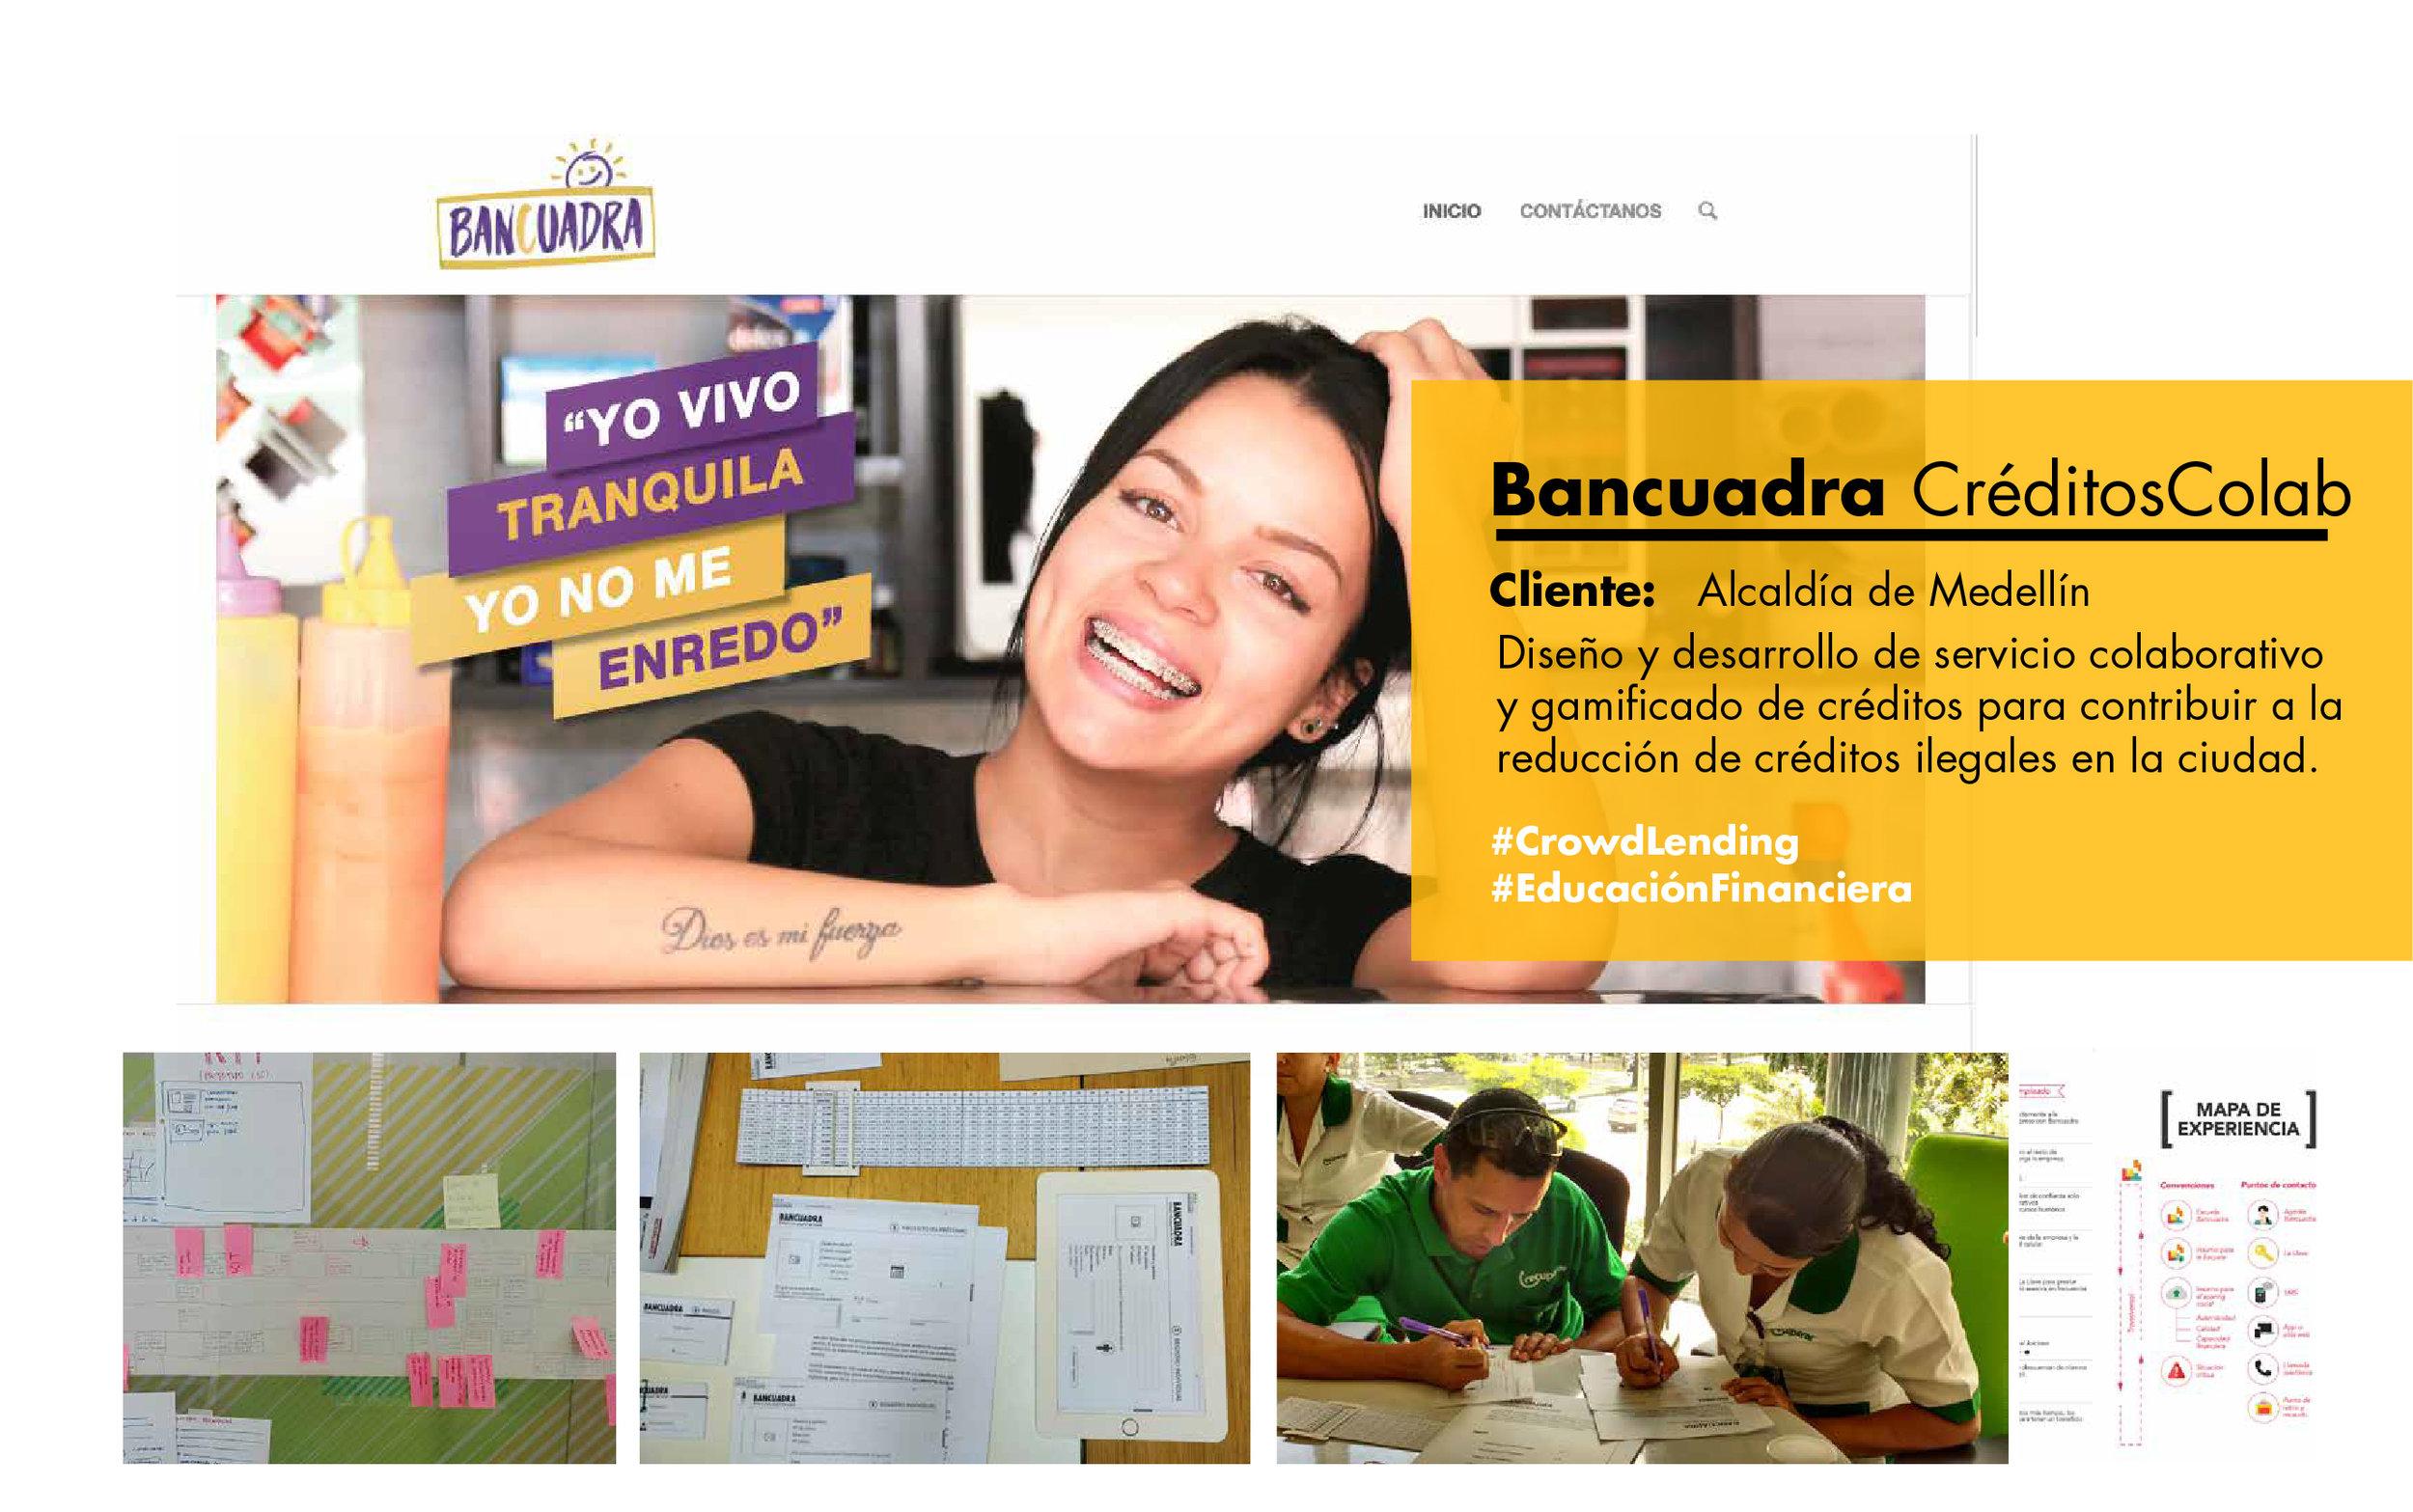 negocioscolab-09.jpg